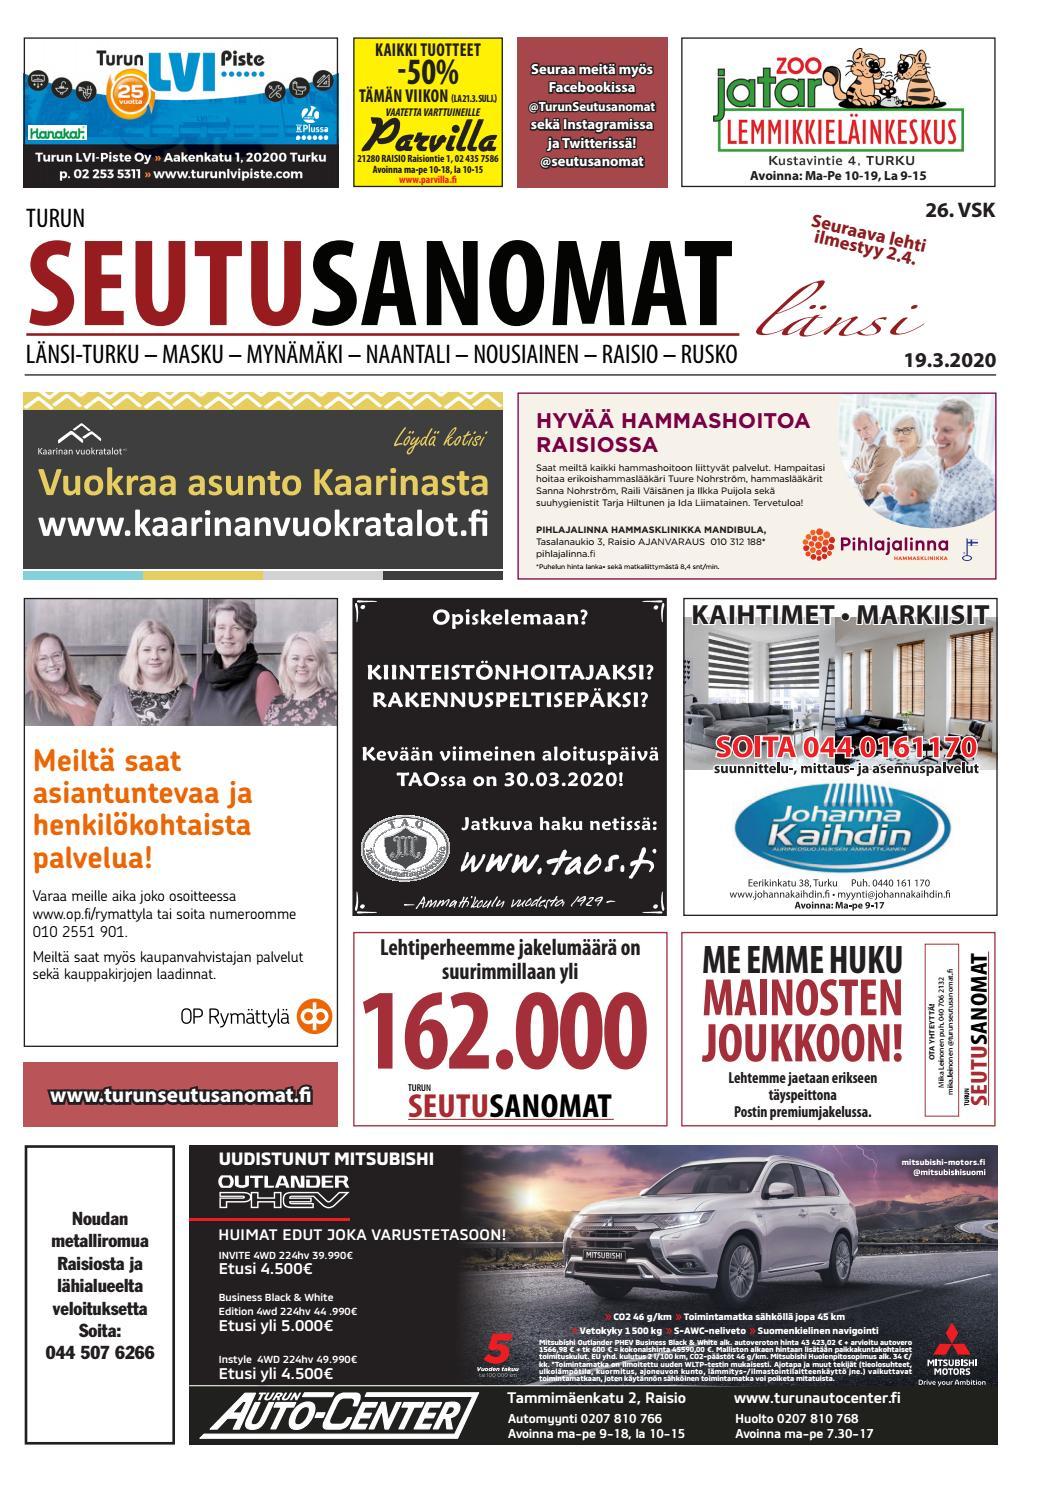 eesti naiset etsii miestä raisio